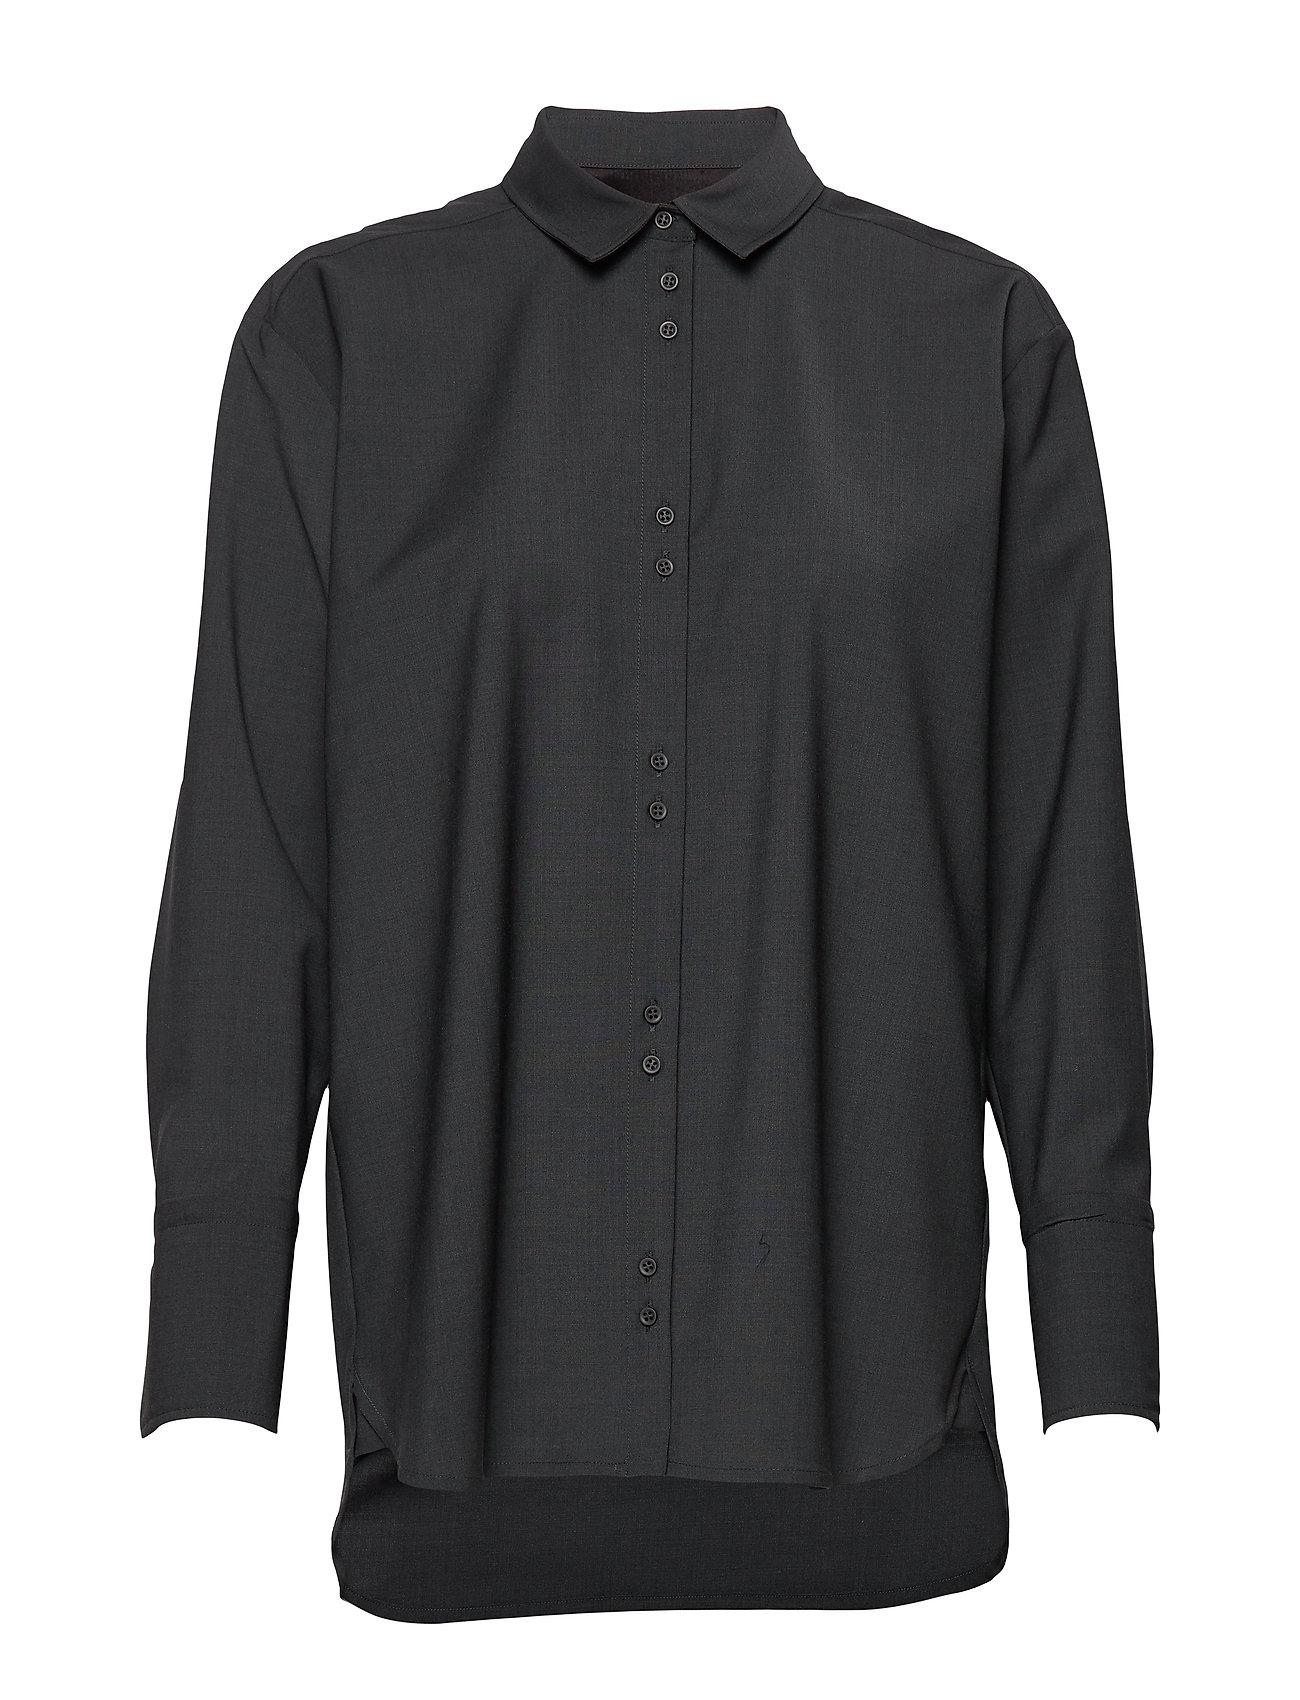 InWear IW50 31 CarolynIW Shirt - DARK GREY MELANGE